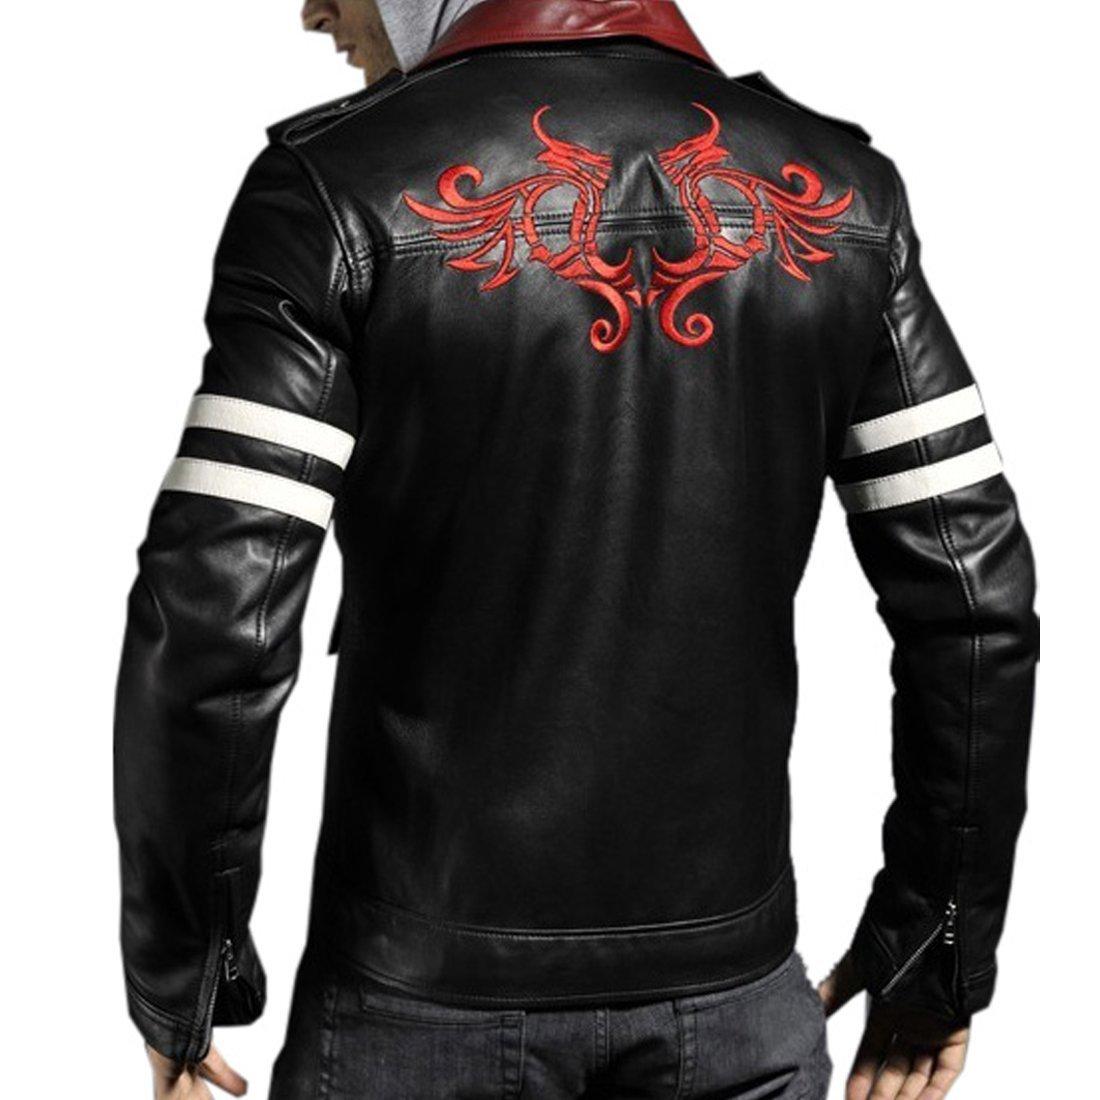 Stylish leather jackets men